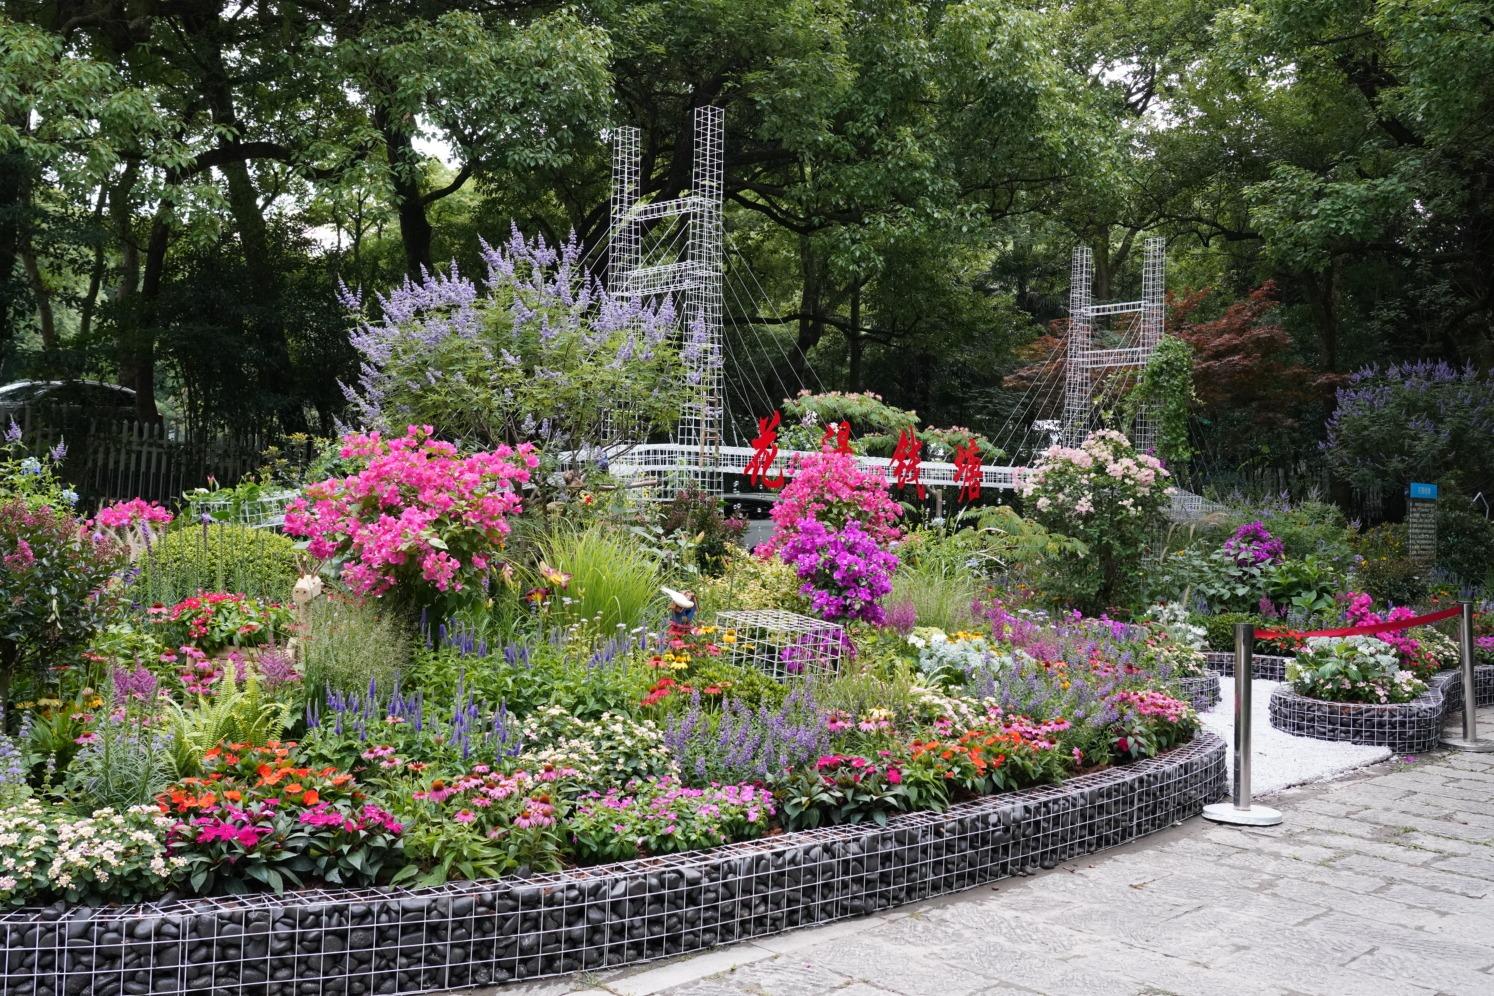 视频 | 杭州市园林艺术精品展推五大展区 向全国展示园林艺术经验